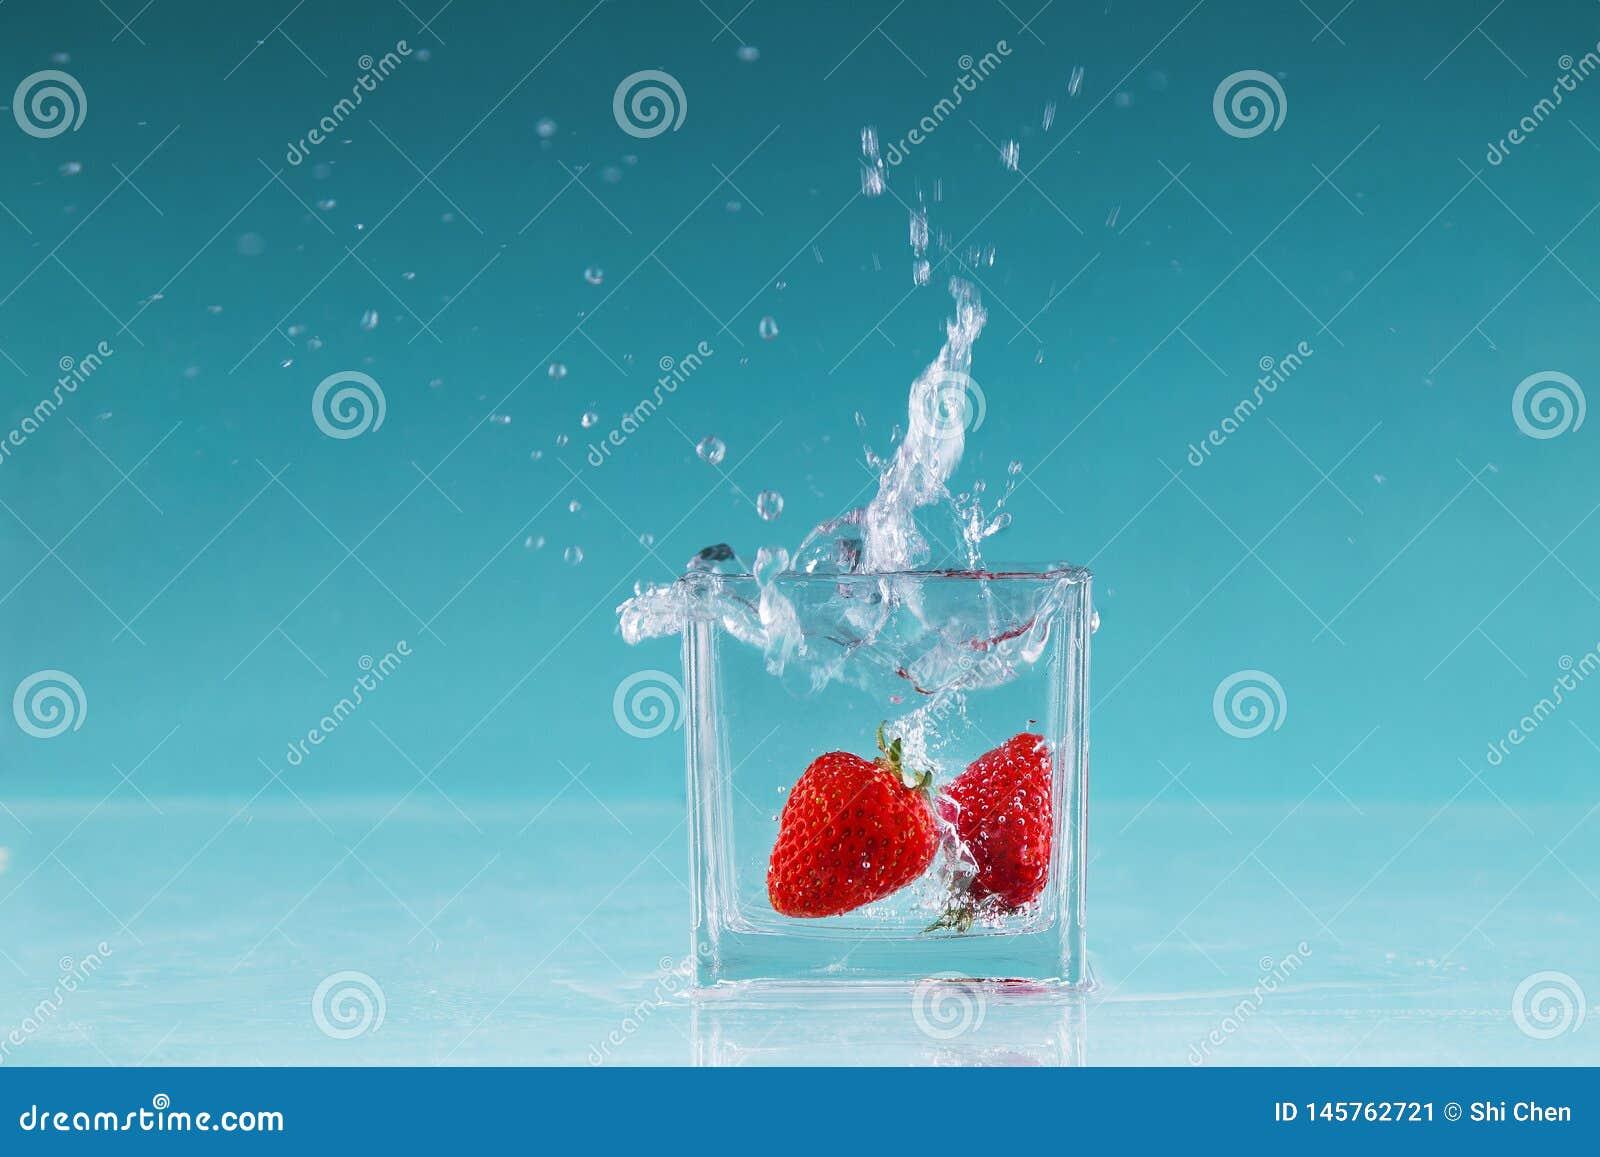 Фотография быстрого хода плода клубники